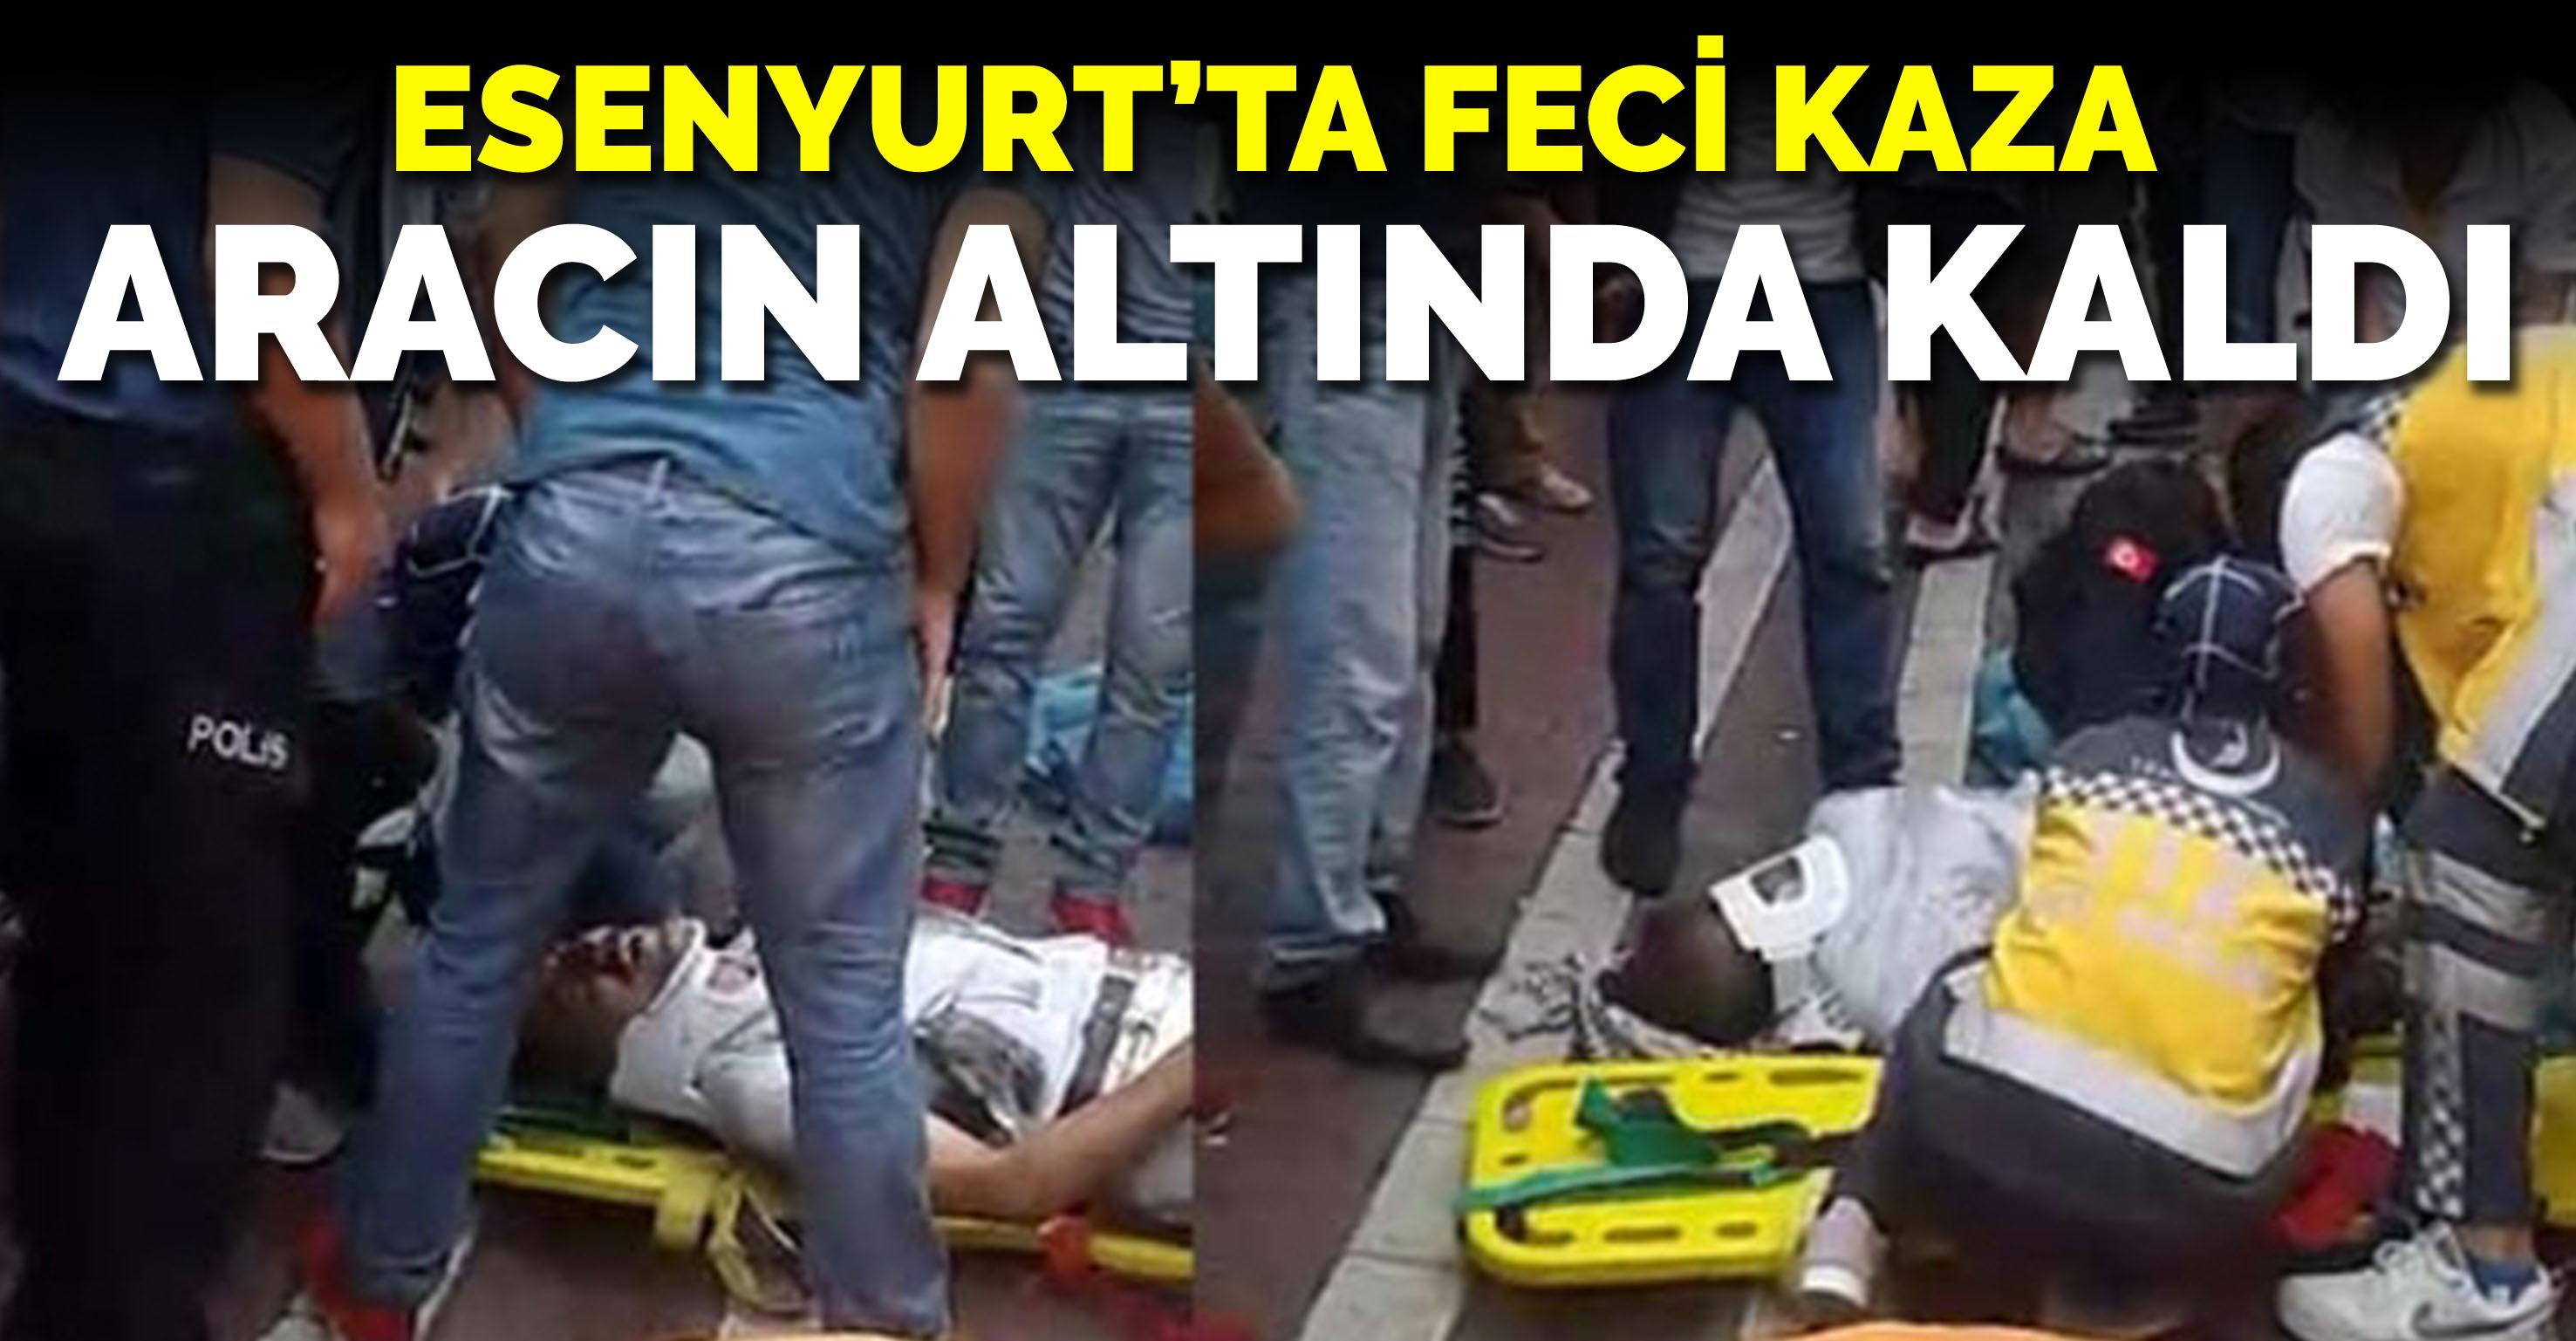 Esenyurt'ta feci kaza: Aracın altında kaldı